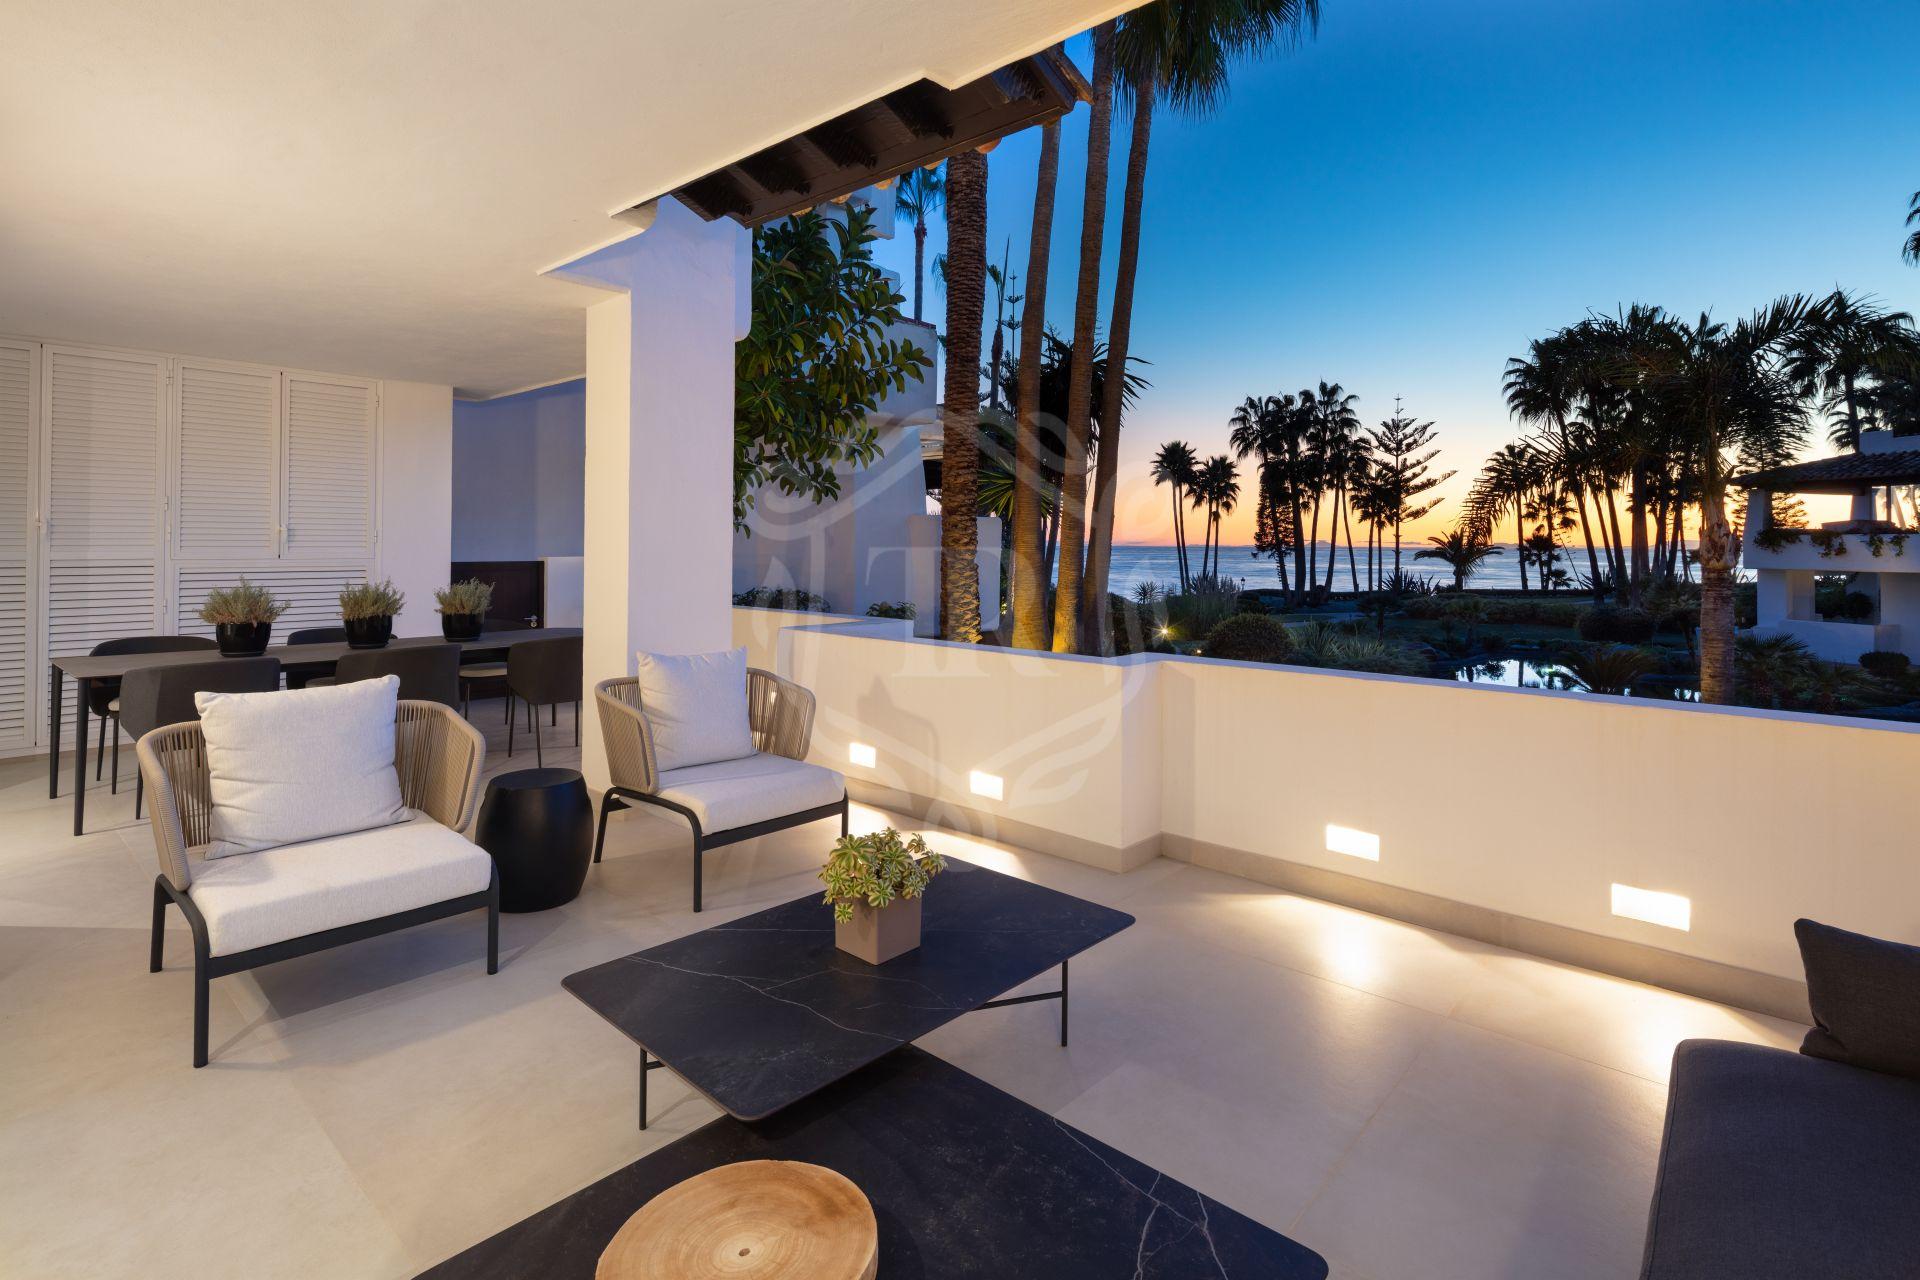 Spectacular refurbished ground floor apartment in Puente Romano